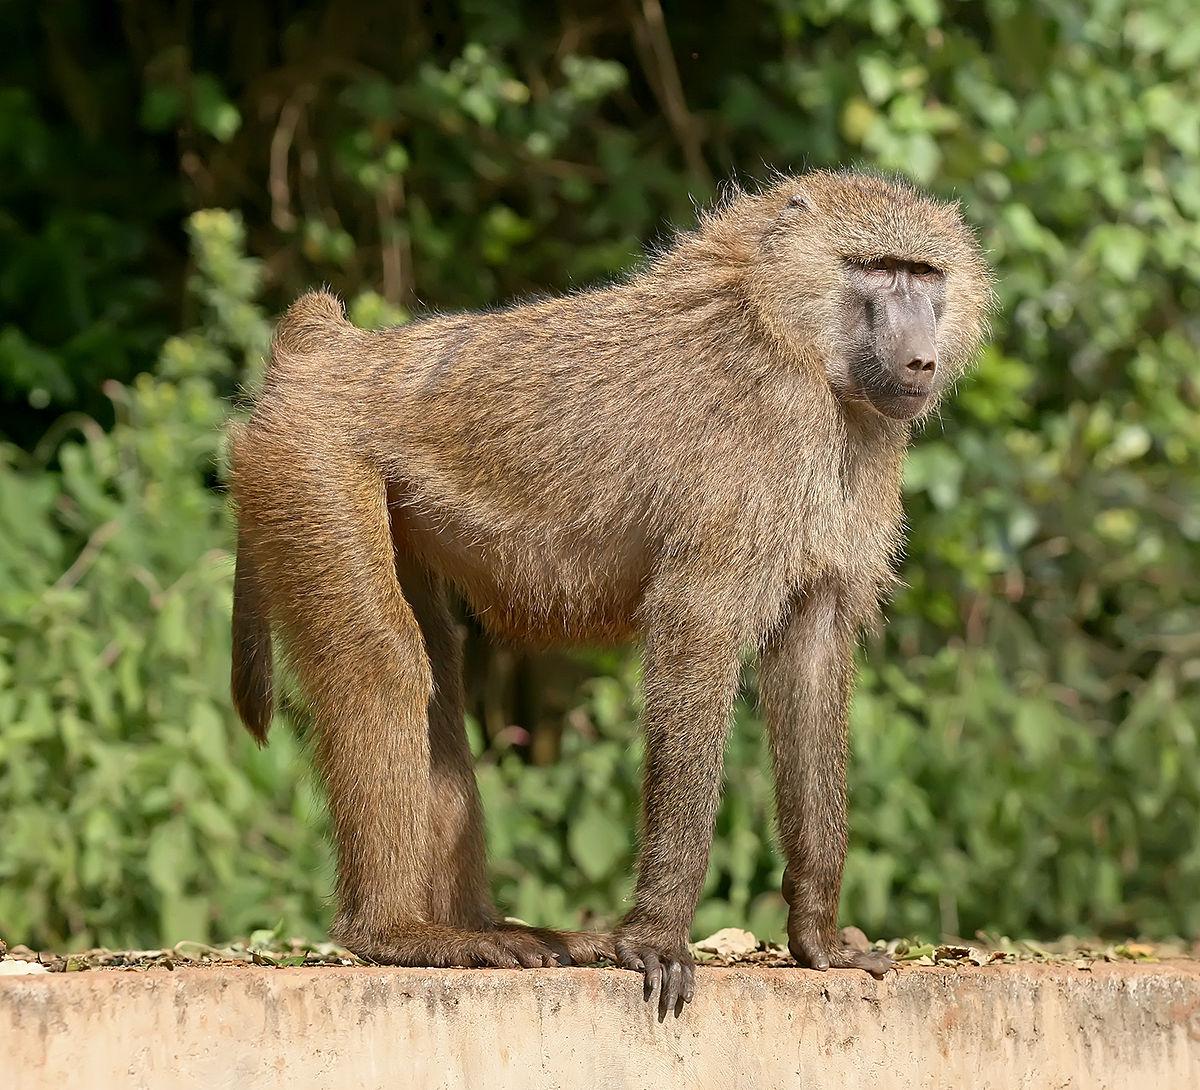 old world monkey wikipedia